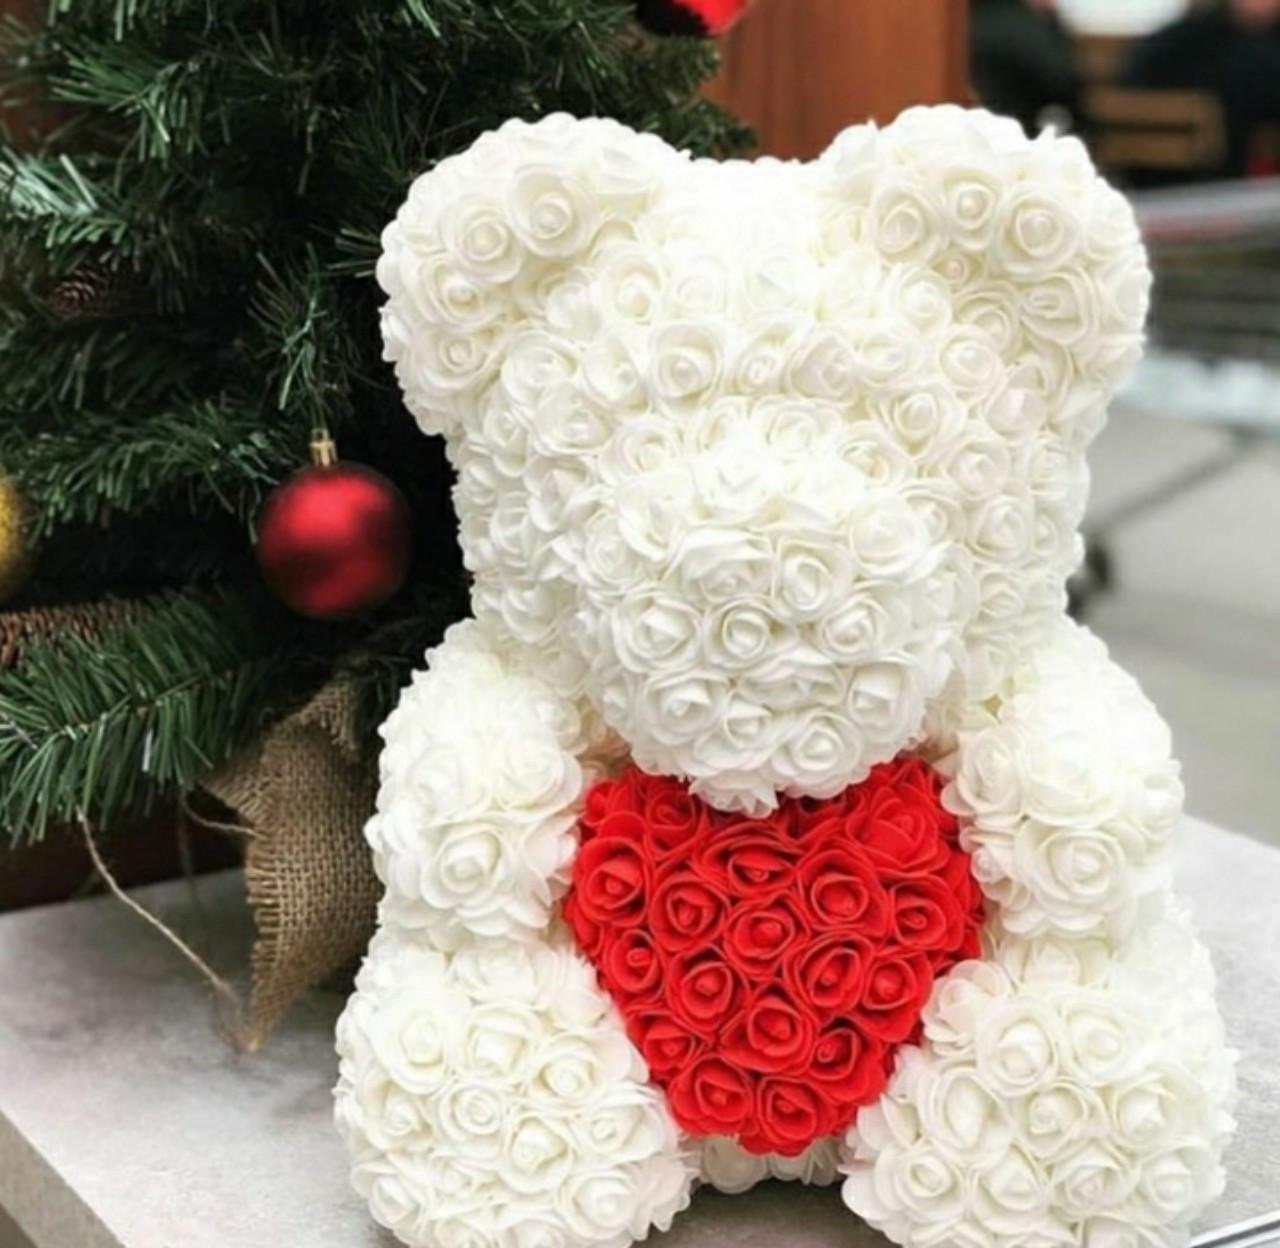 Мишка из роз 40 см в подарочной коробке / Мишка из цветов / Оригинальный подарок девушке Белый